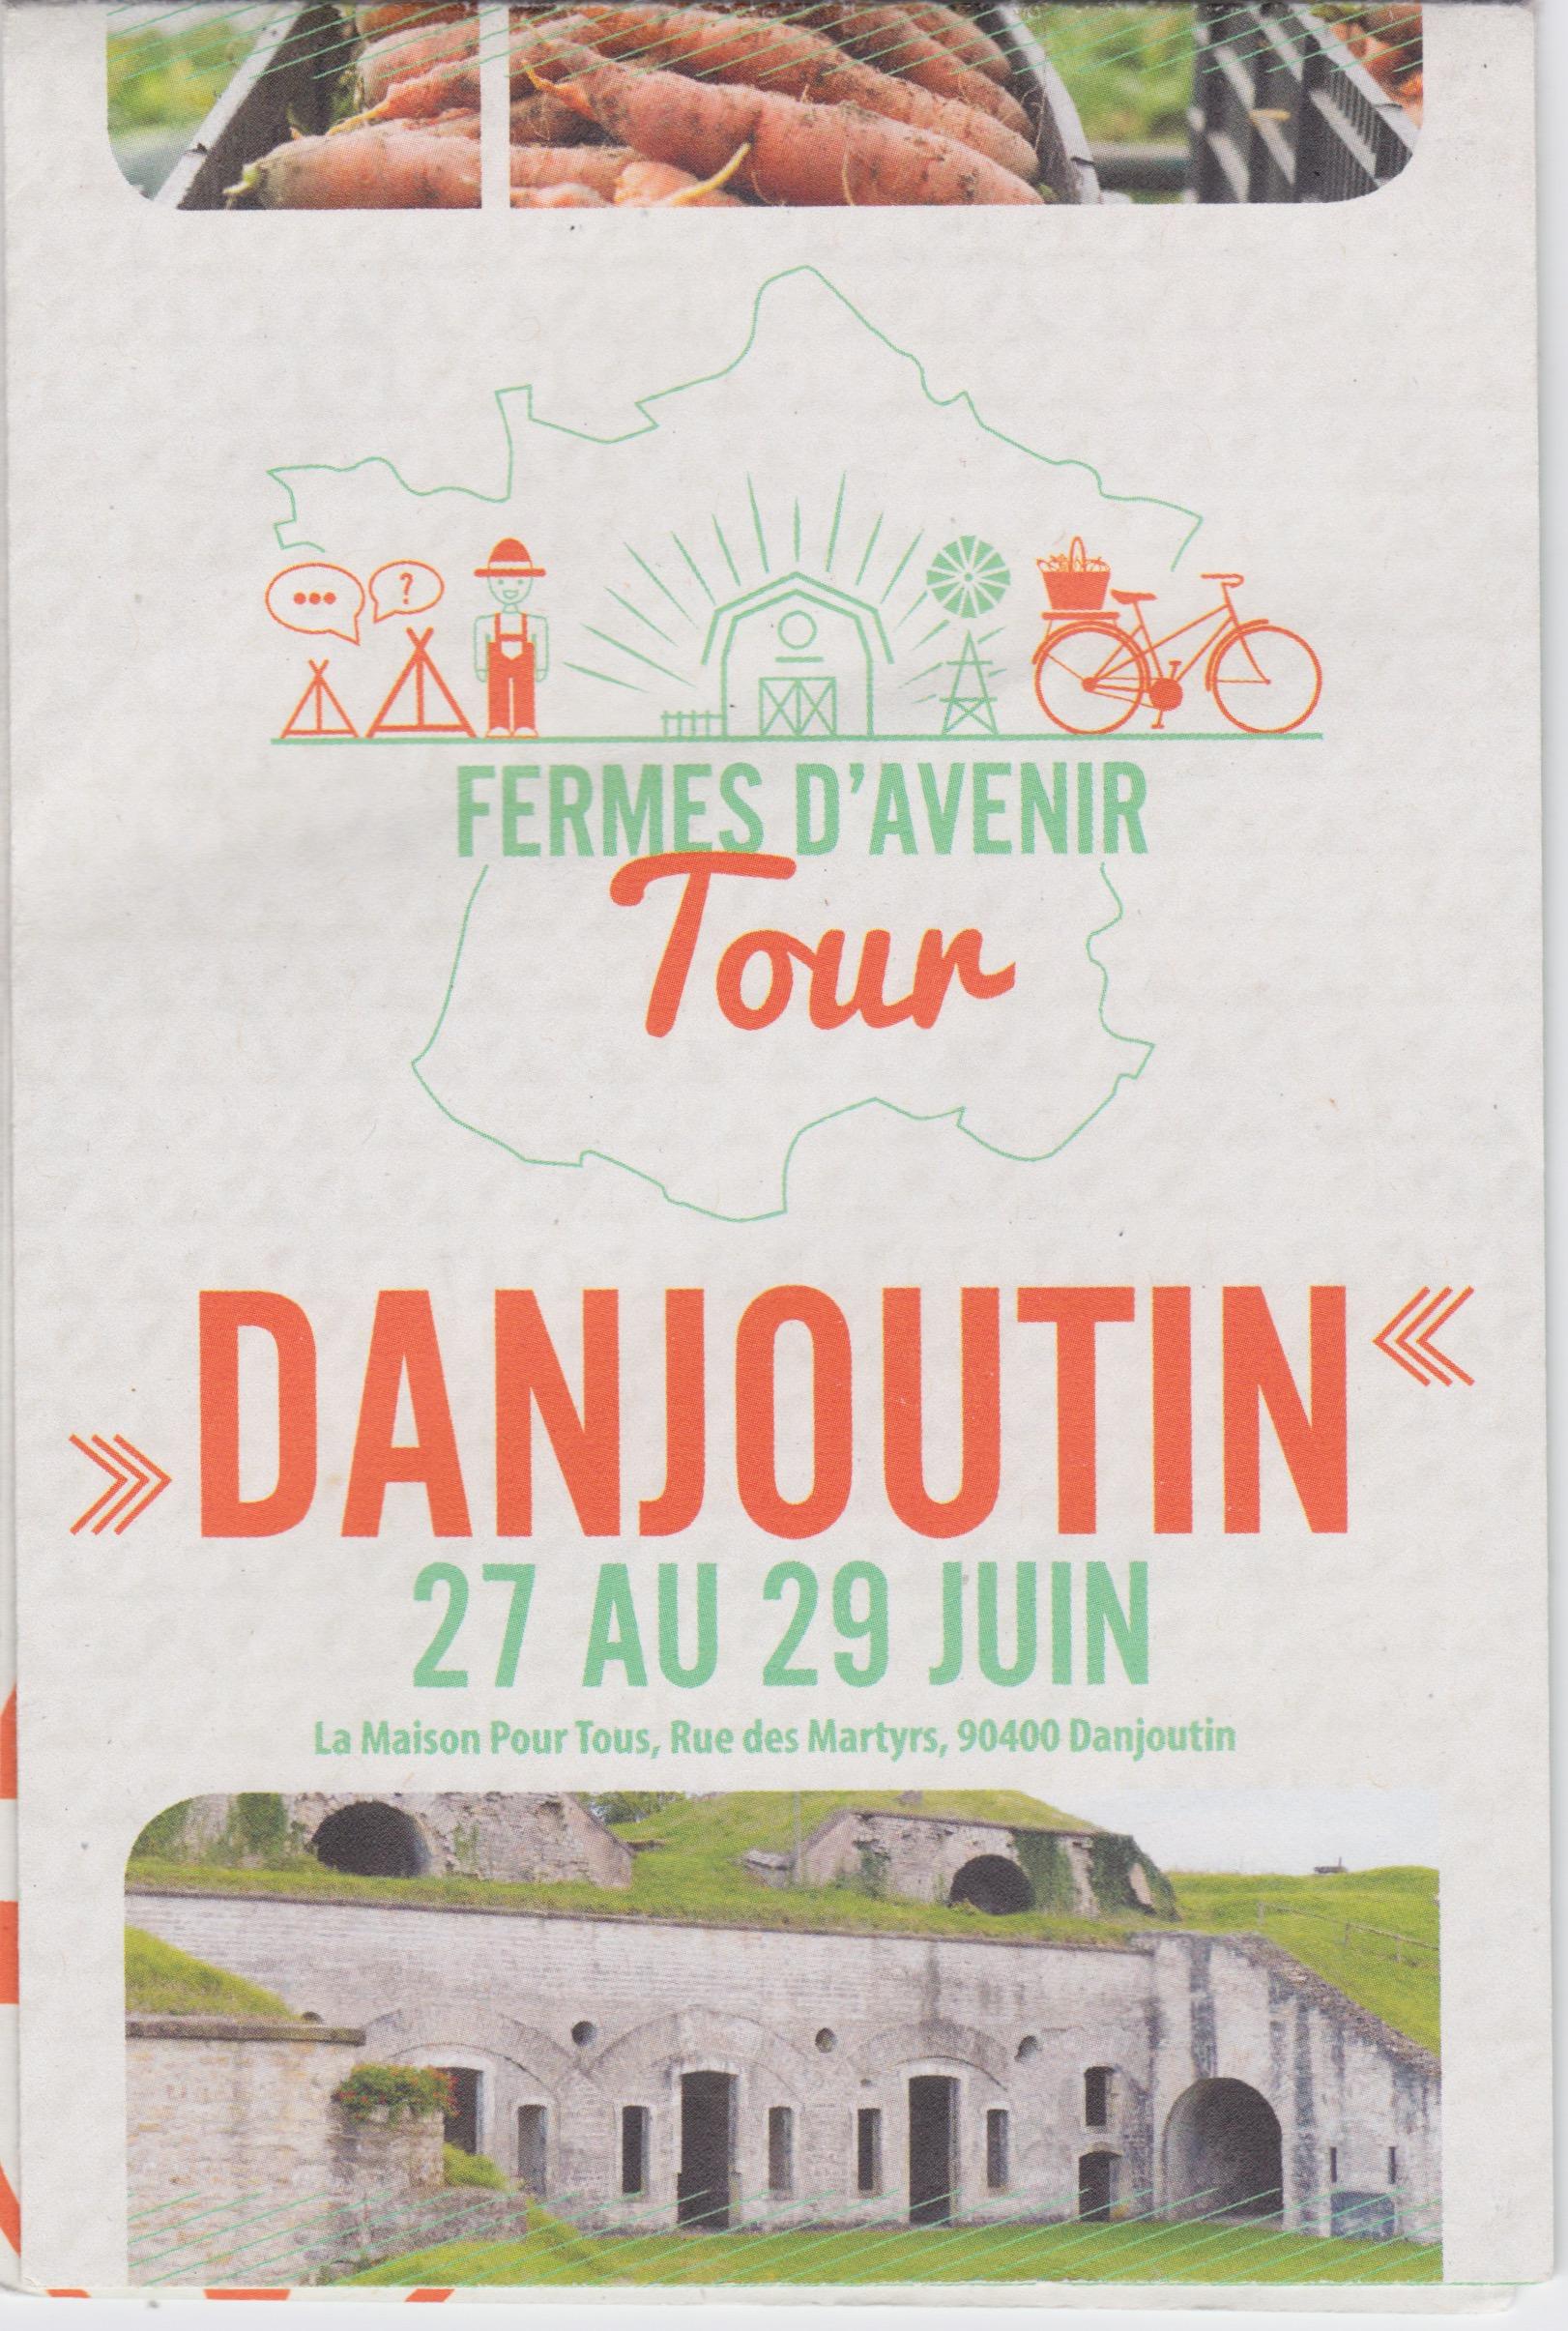 Tour Fermes d'Avenir - Danjoutin